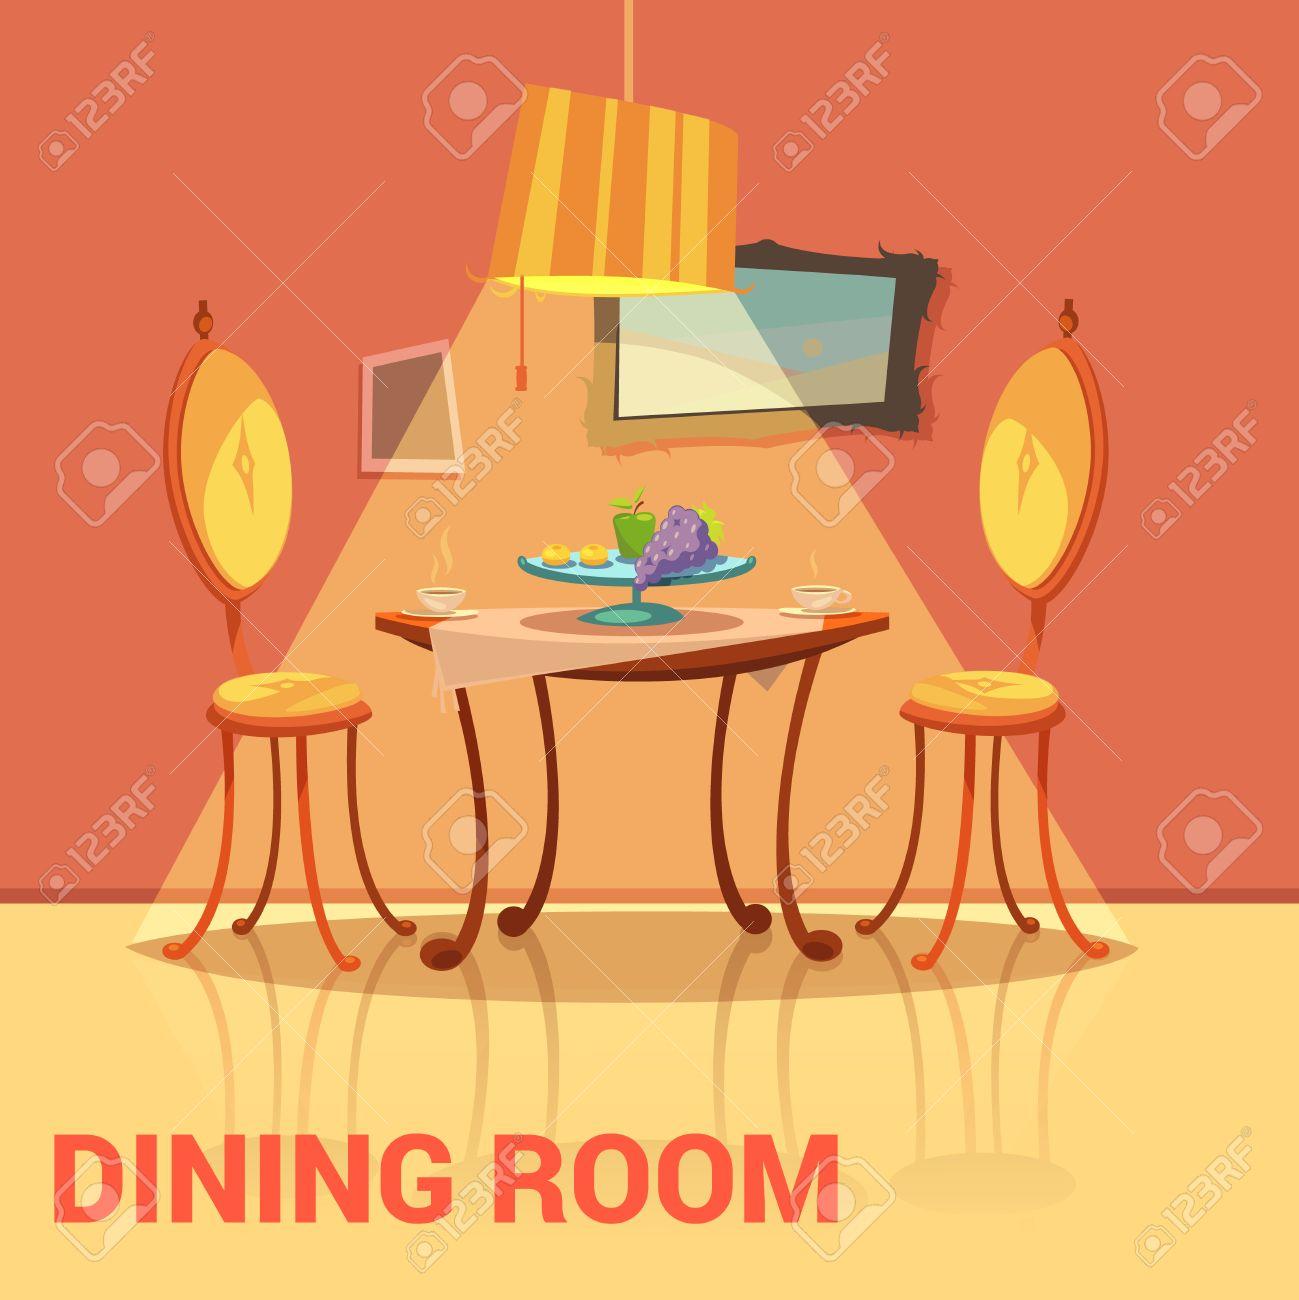 salle a manger design retro avec des chaises de table et dessin anime image illustration vectorielle